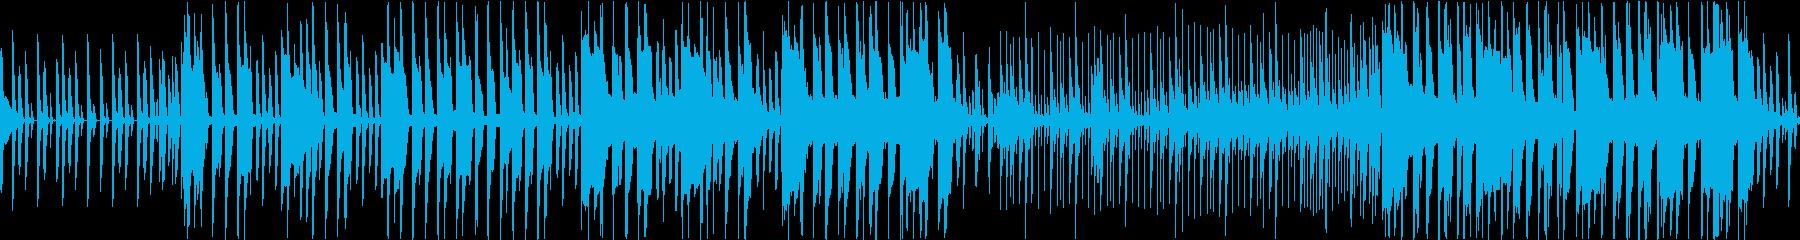 メニュー選択画面のBGM(ループ仕様)の再生済みの波形